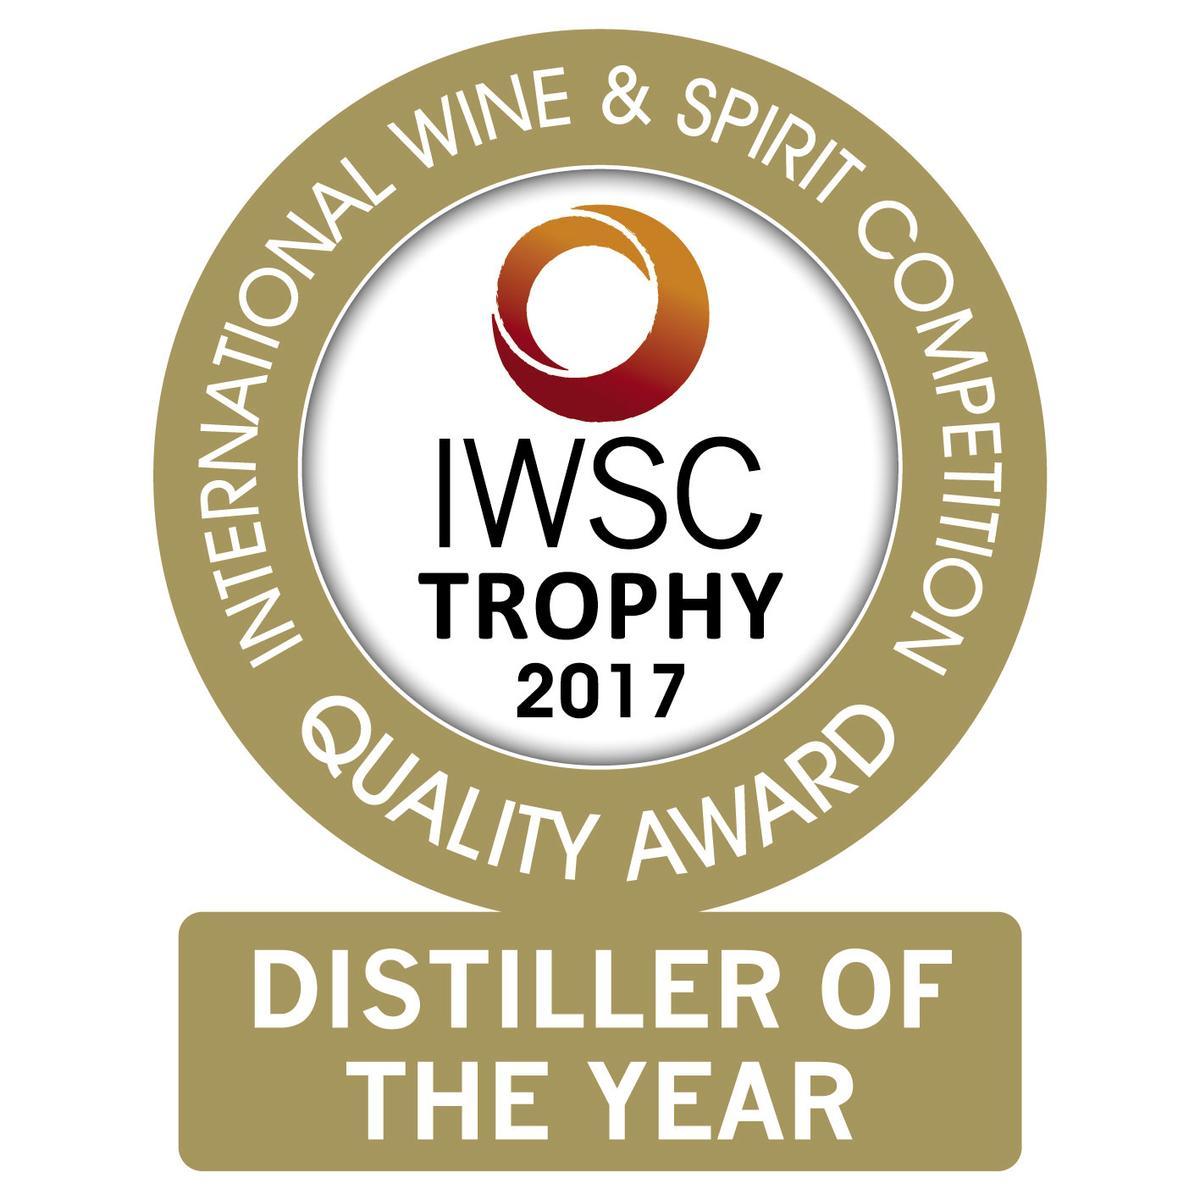 噶瑪蘭酒廠贏過全球80多國,拿下IWSC2017世界年度蒸餾酒廠冠軍獎盃。